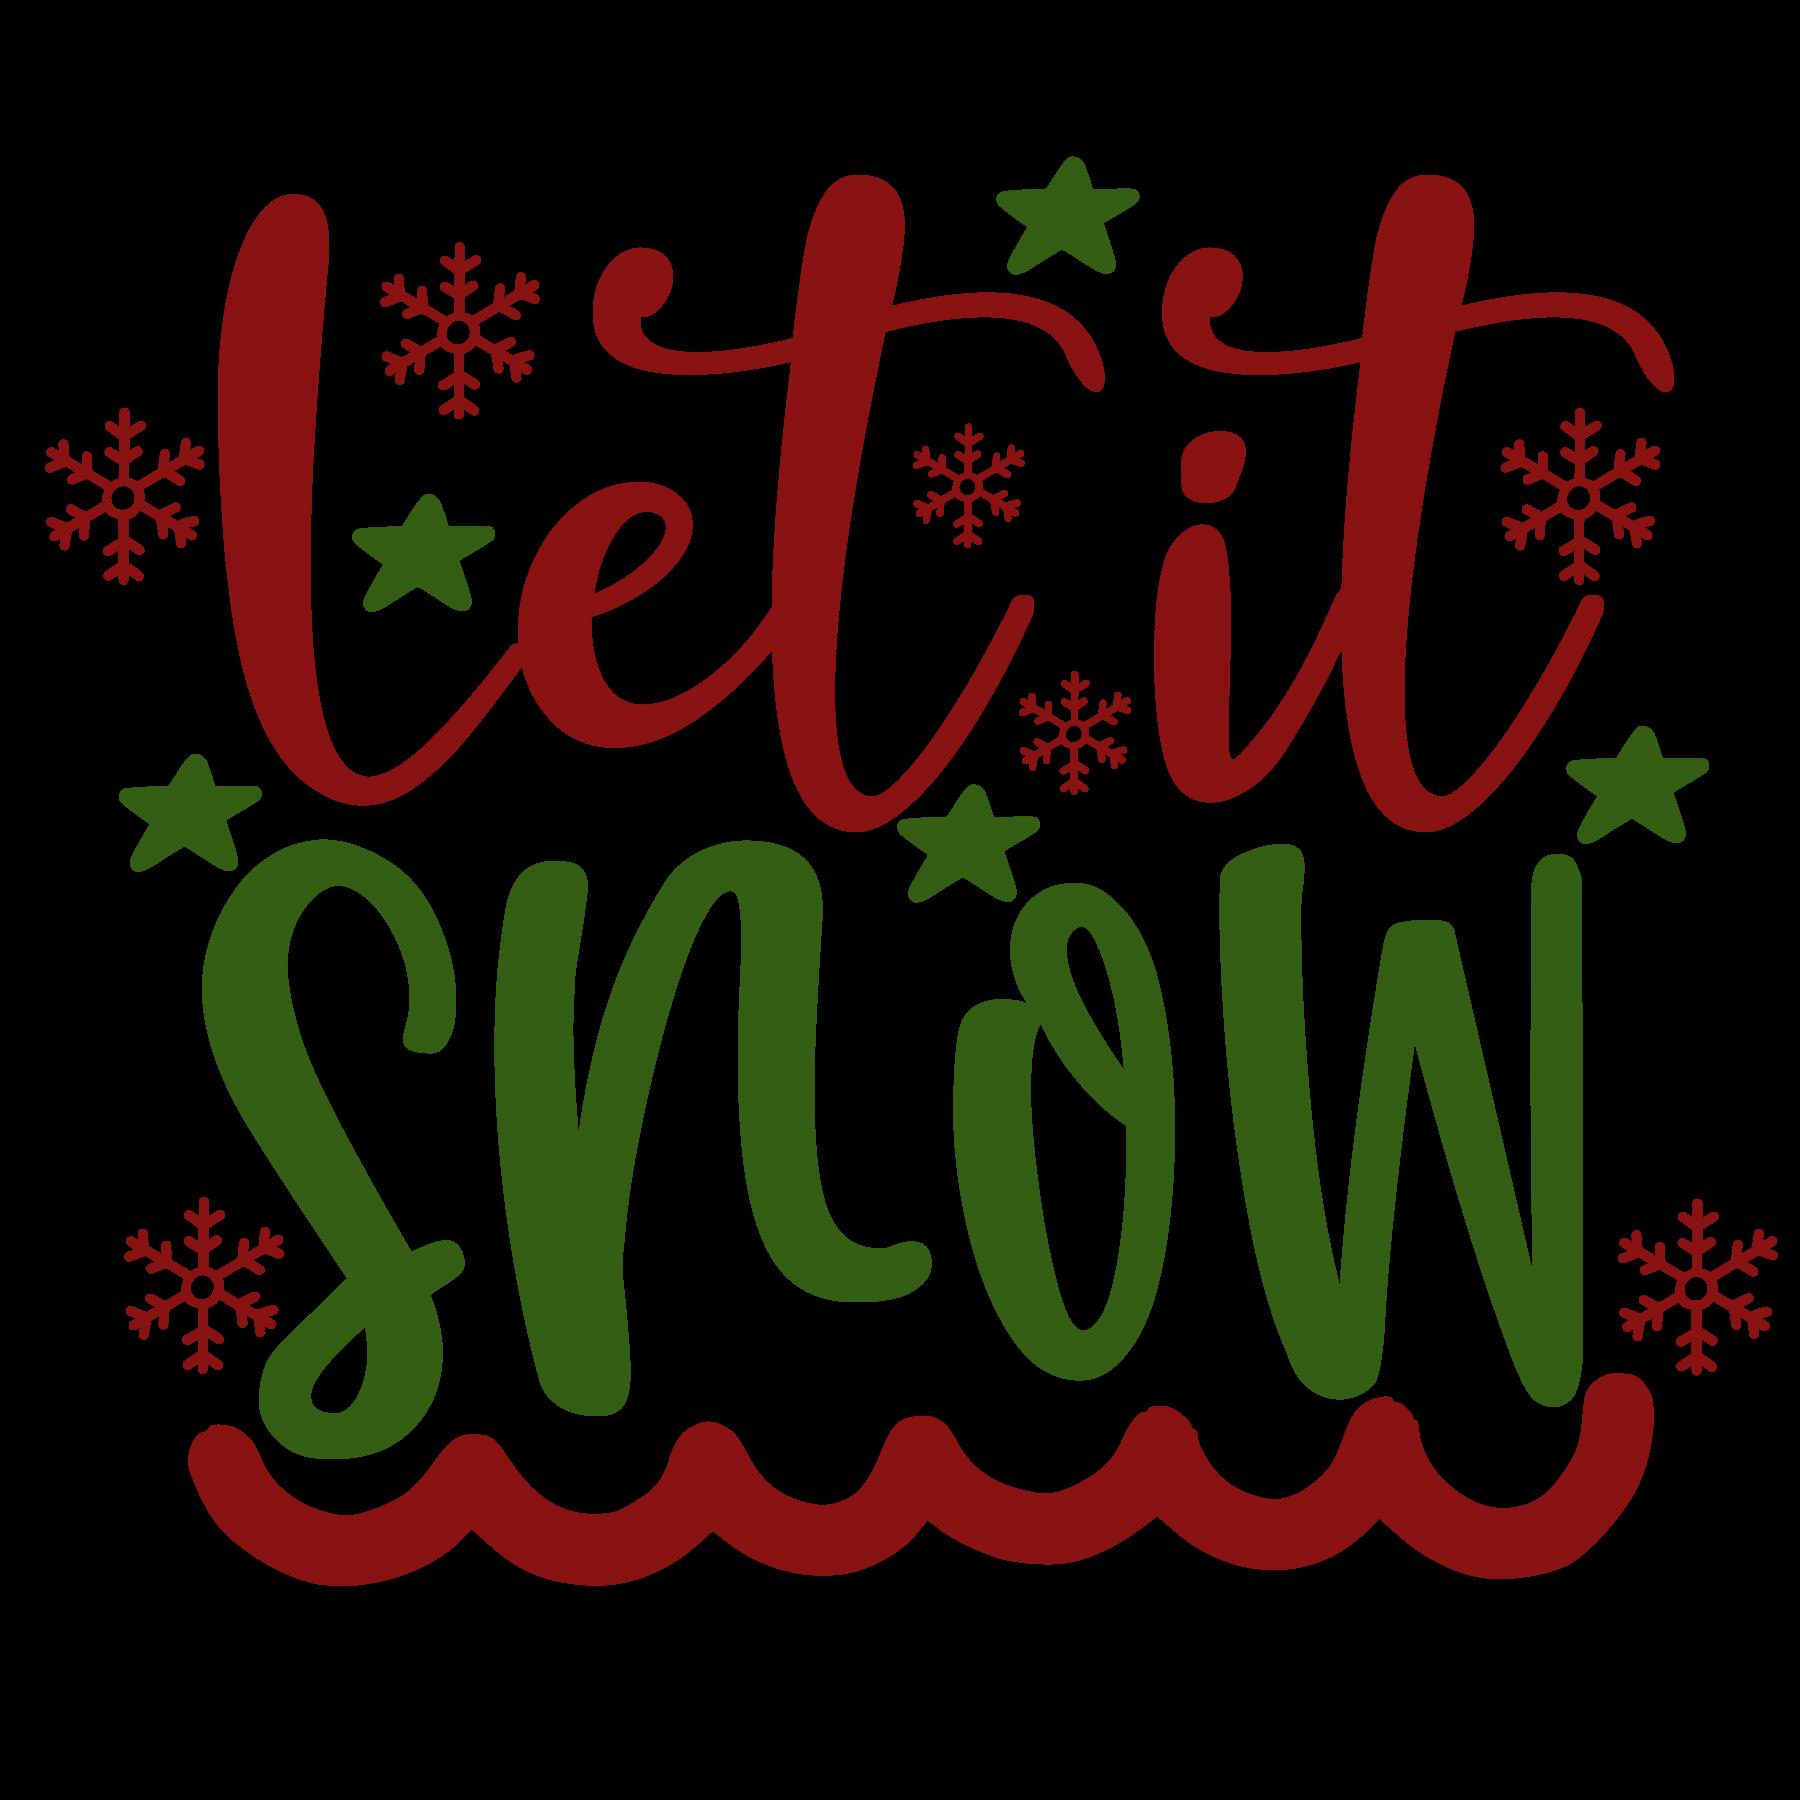 Let it Snow SVG Cut Files